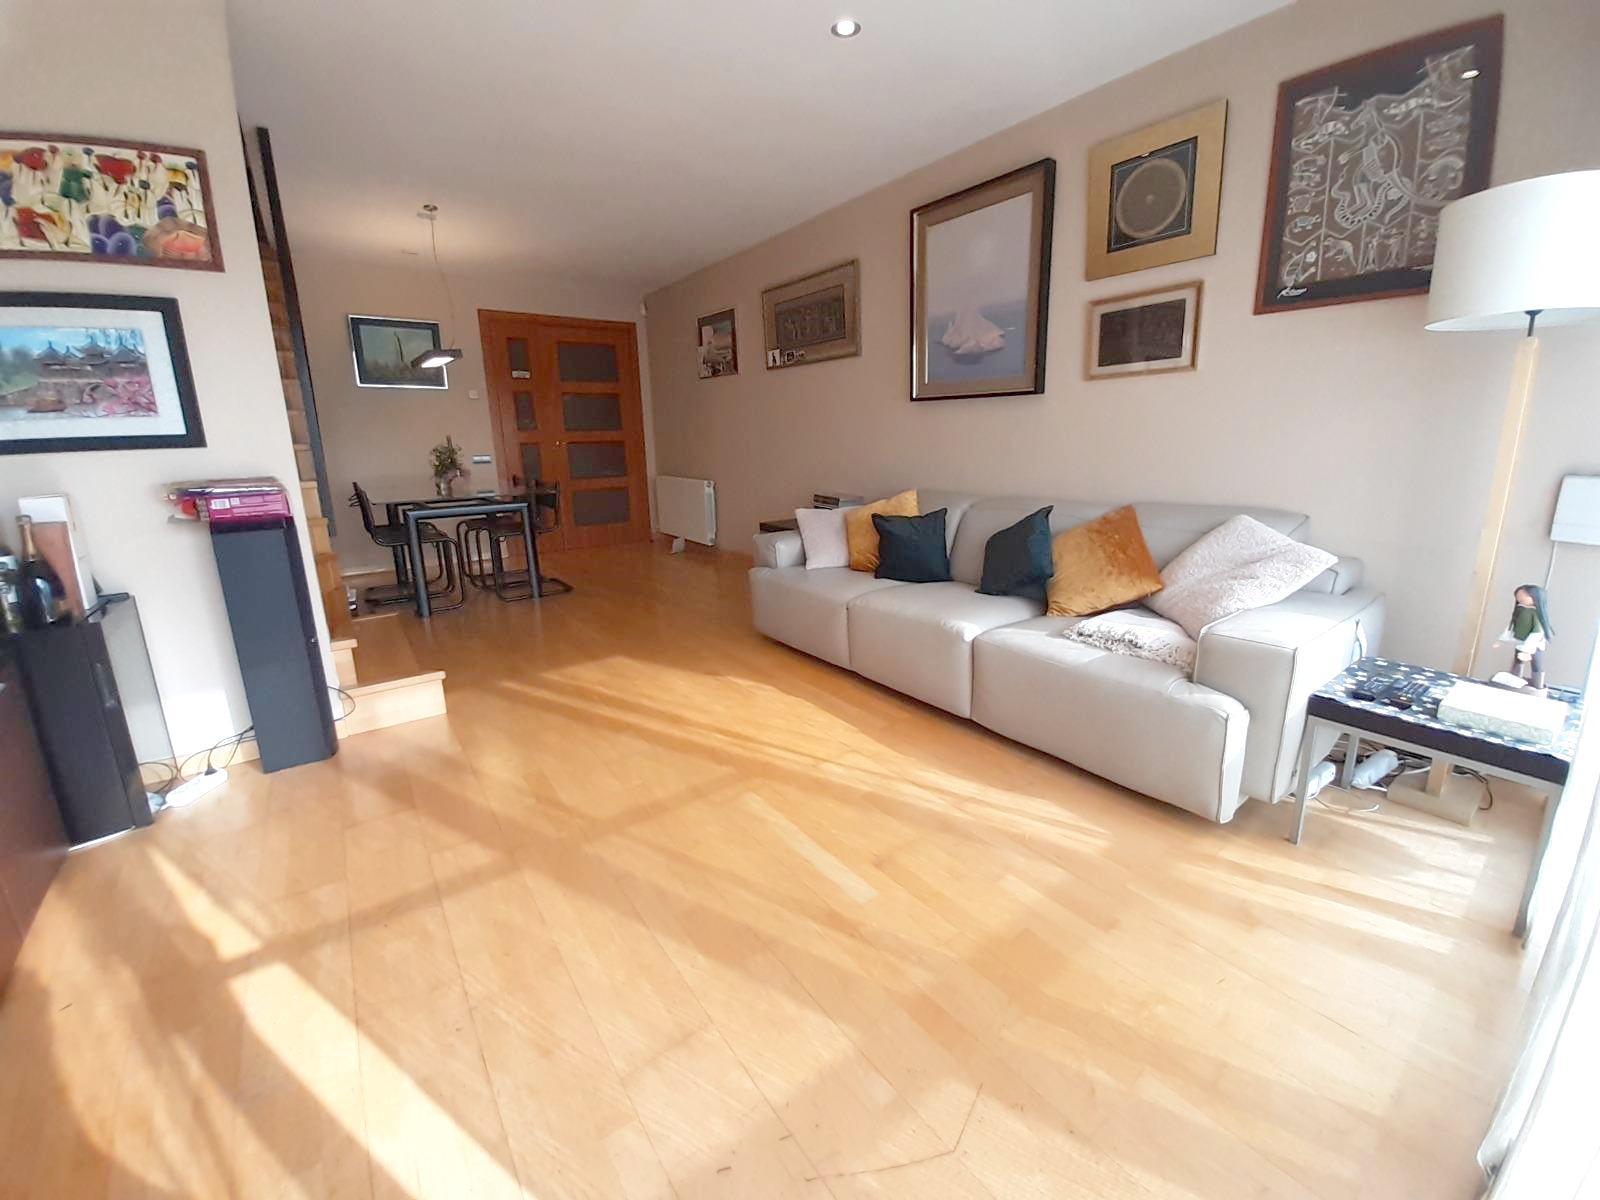 Imagen 1 Dúplex en venta en Caldes De Montbui / Carrer sabadell-Caldes de Montbui-Duplex con terraza